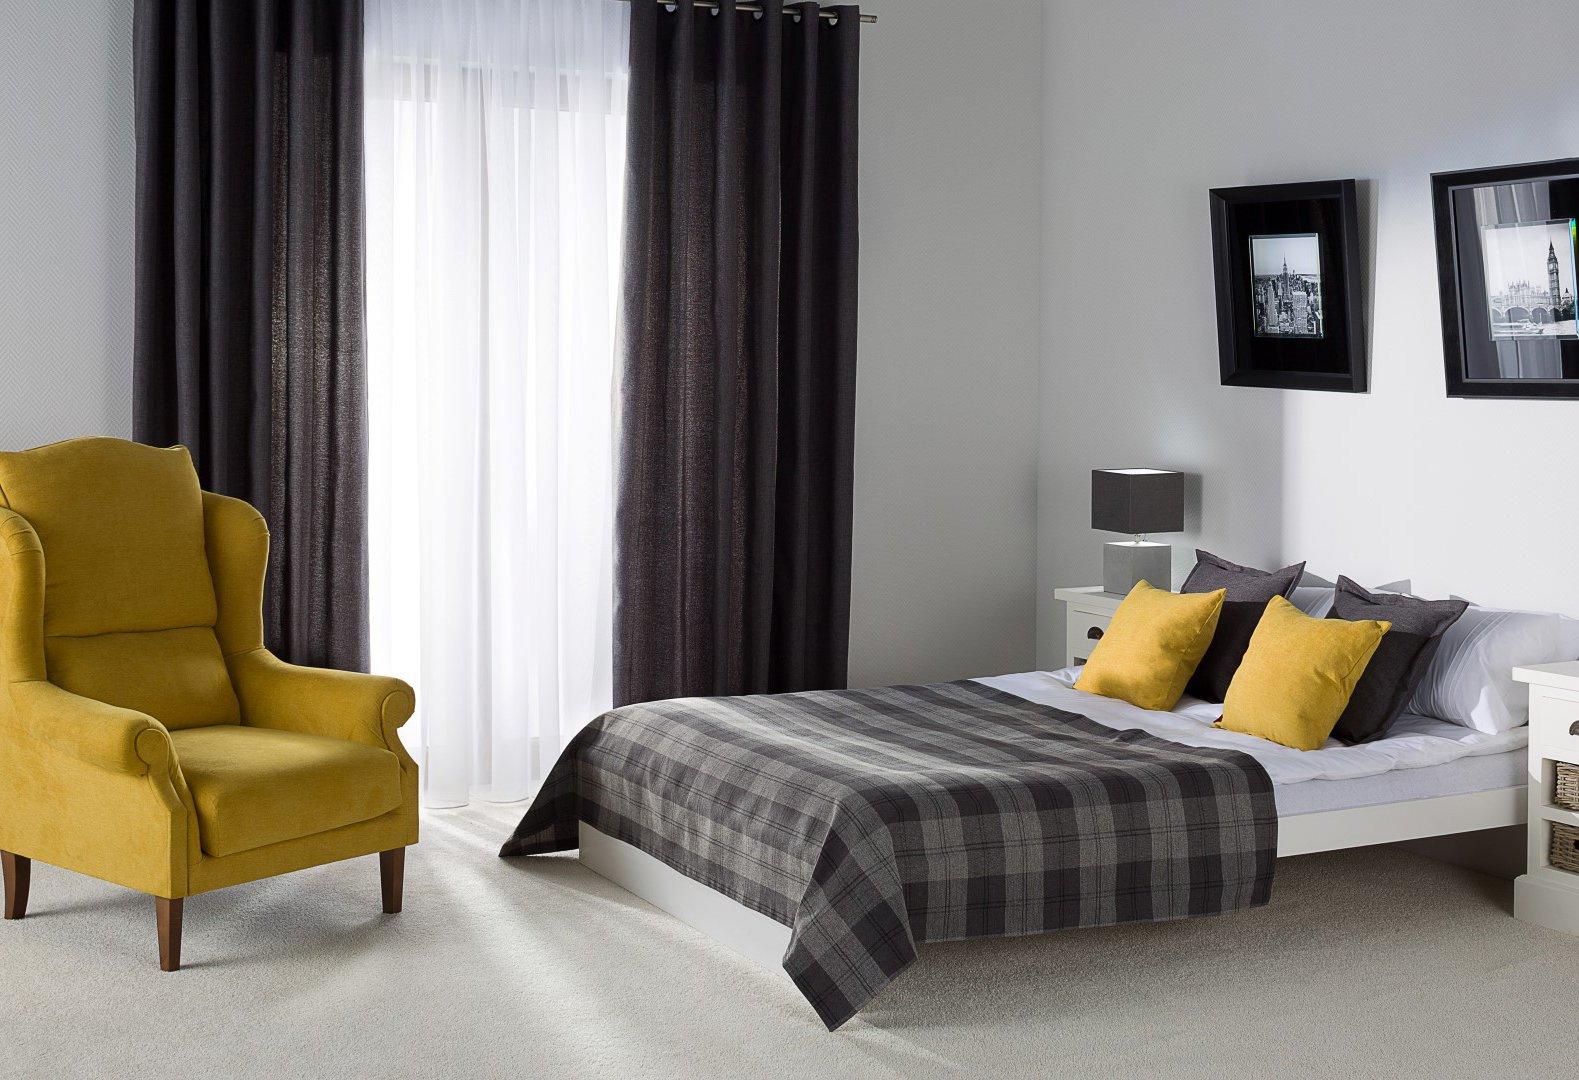 Sypialnia - hotelowy minimalizm